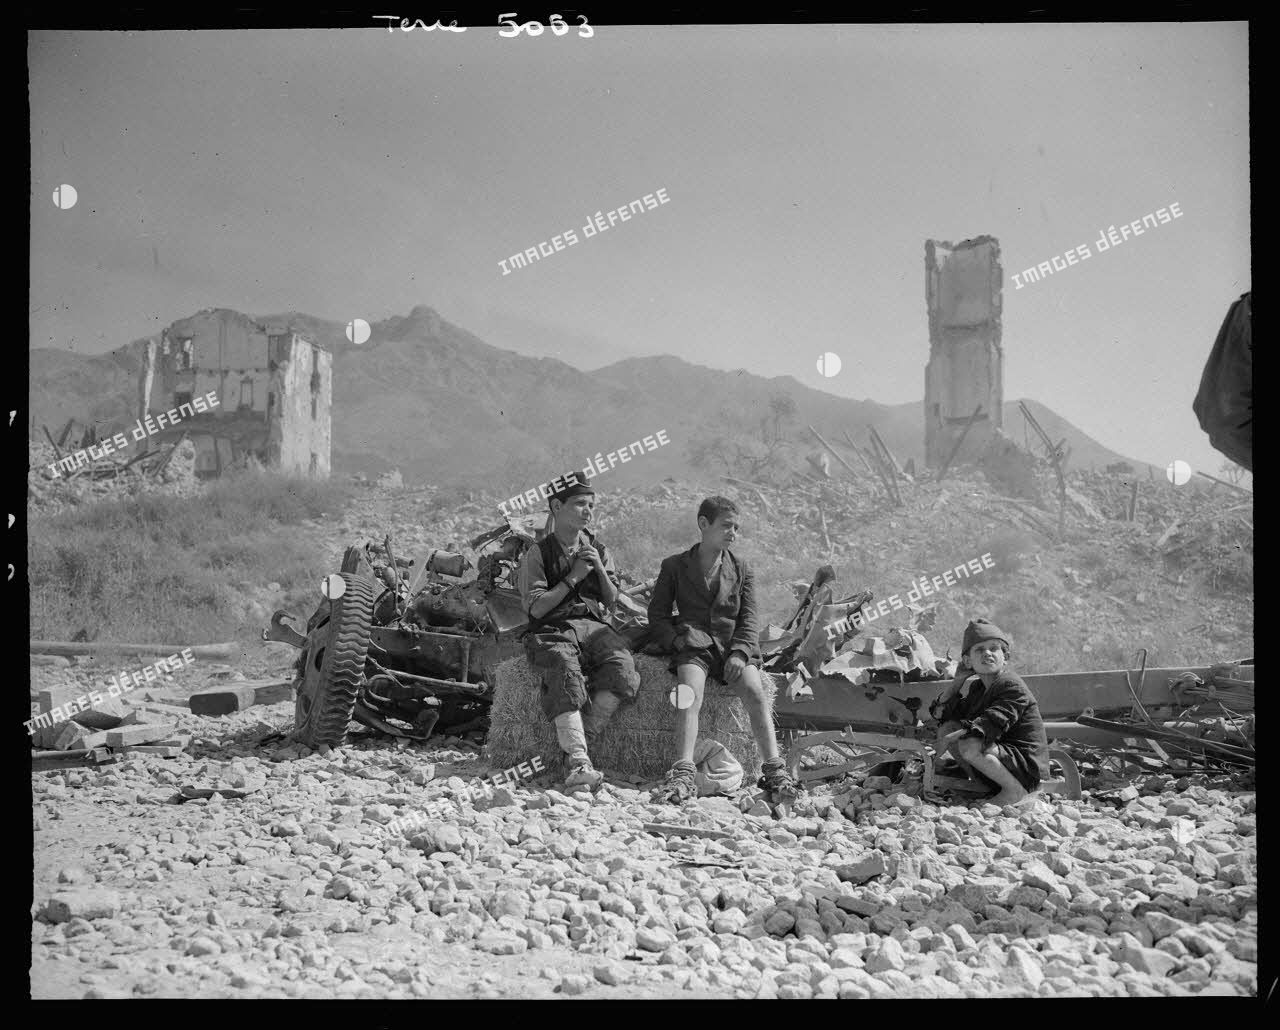 A Formia, des enfants italiens regardent passer un convoi de la 5e armée américaine progressant vers Rome.